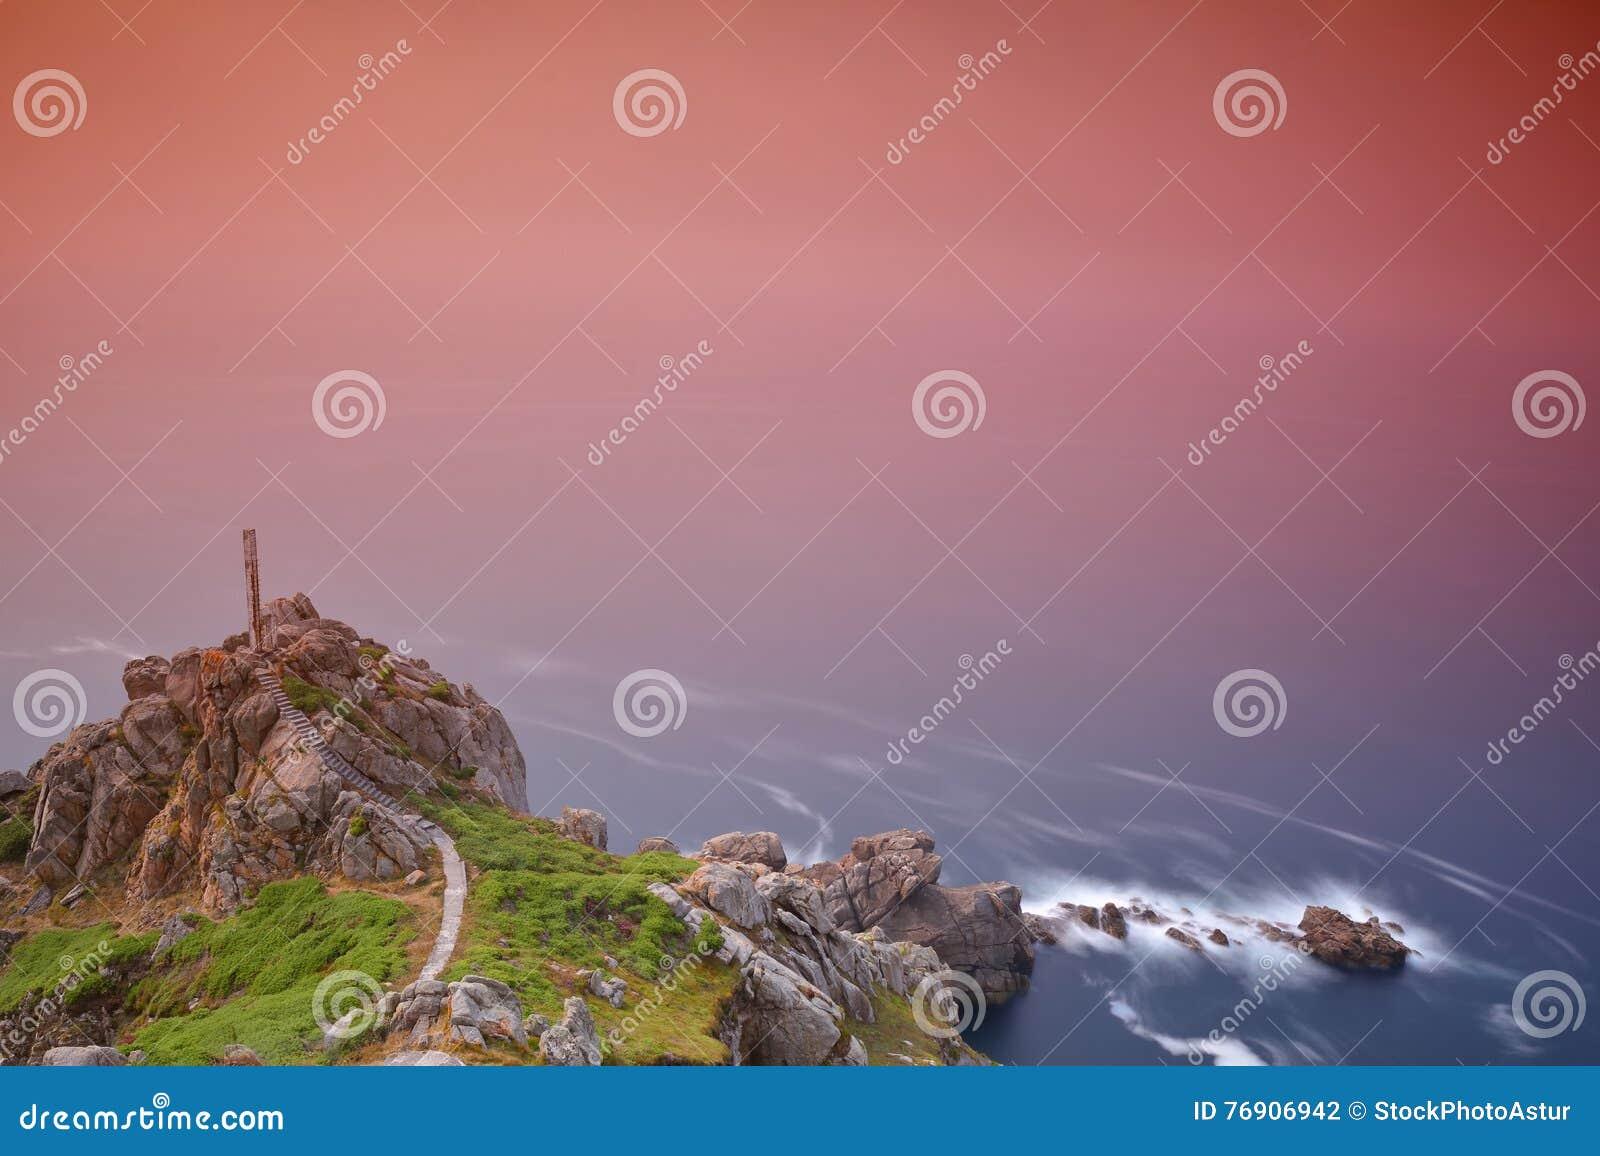 被暴露的海景风景看法与峭壁的